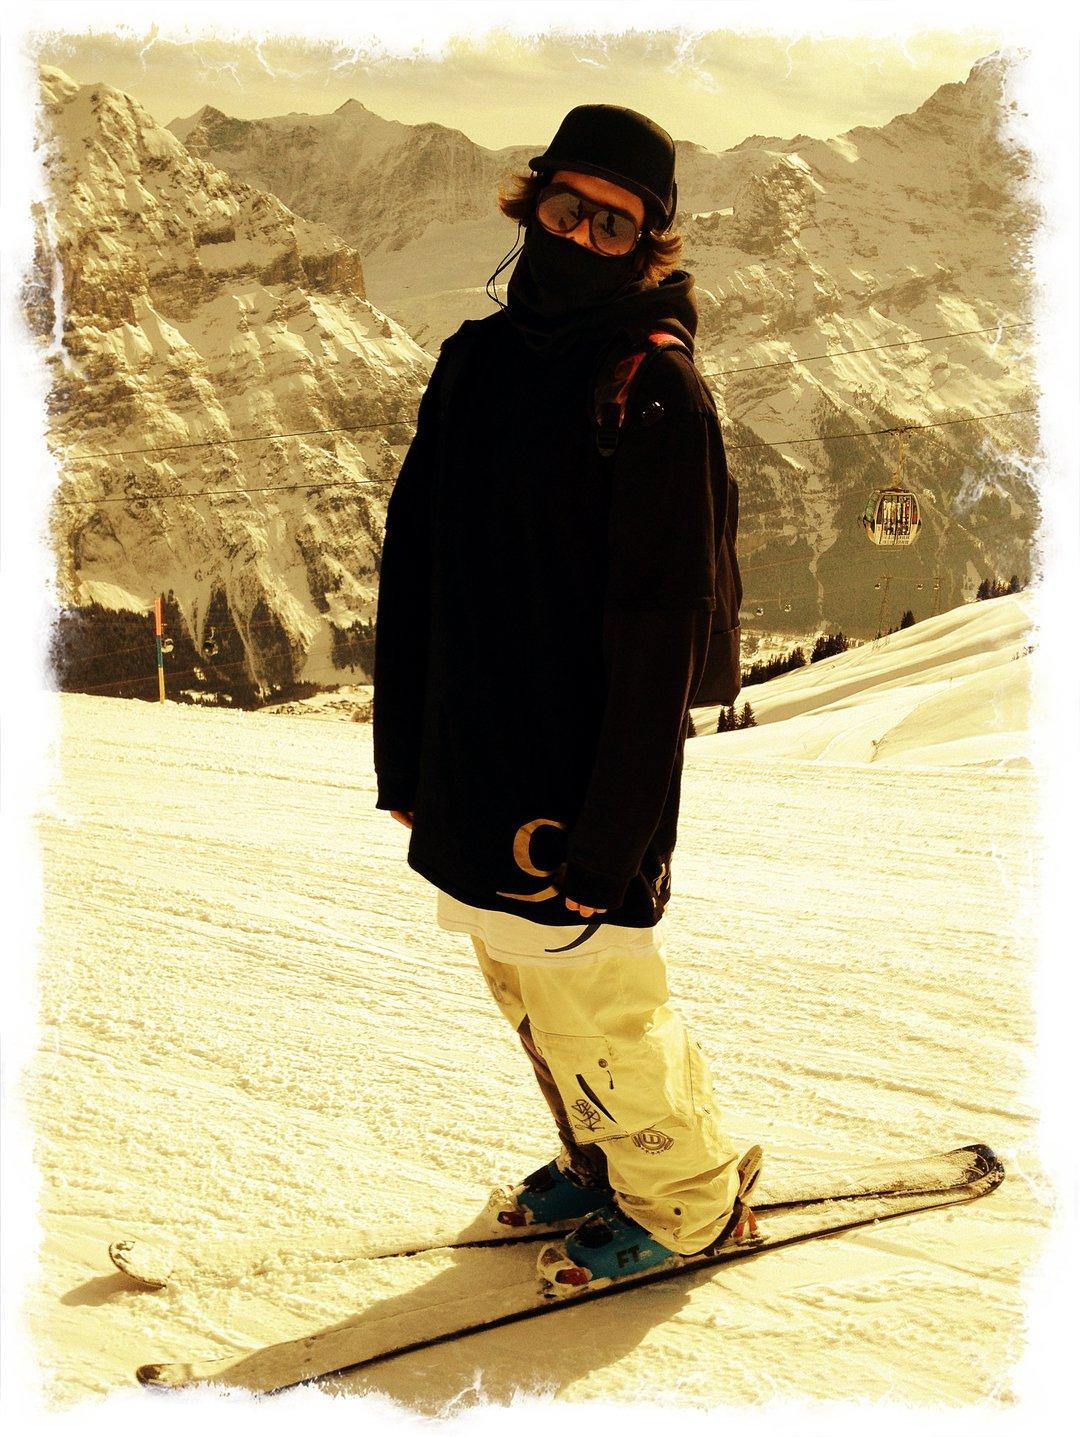 Back on skis